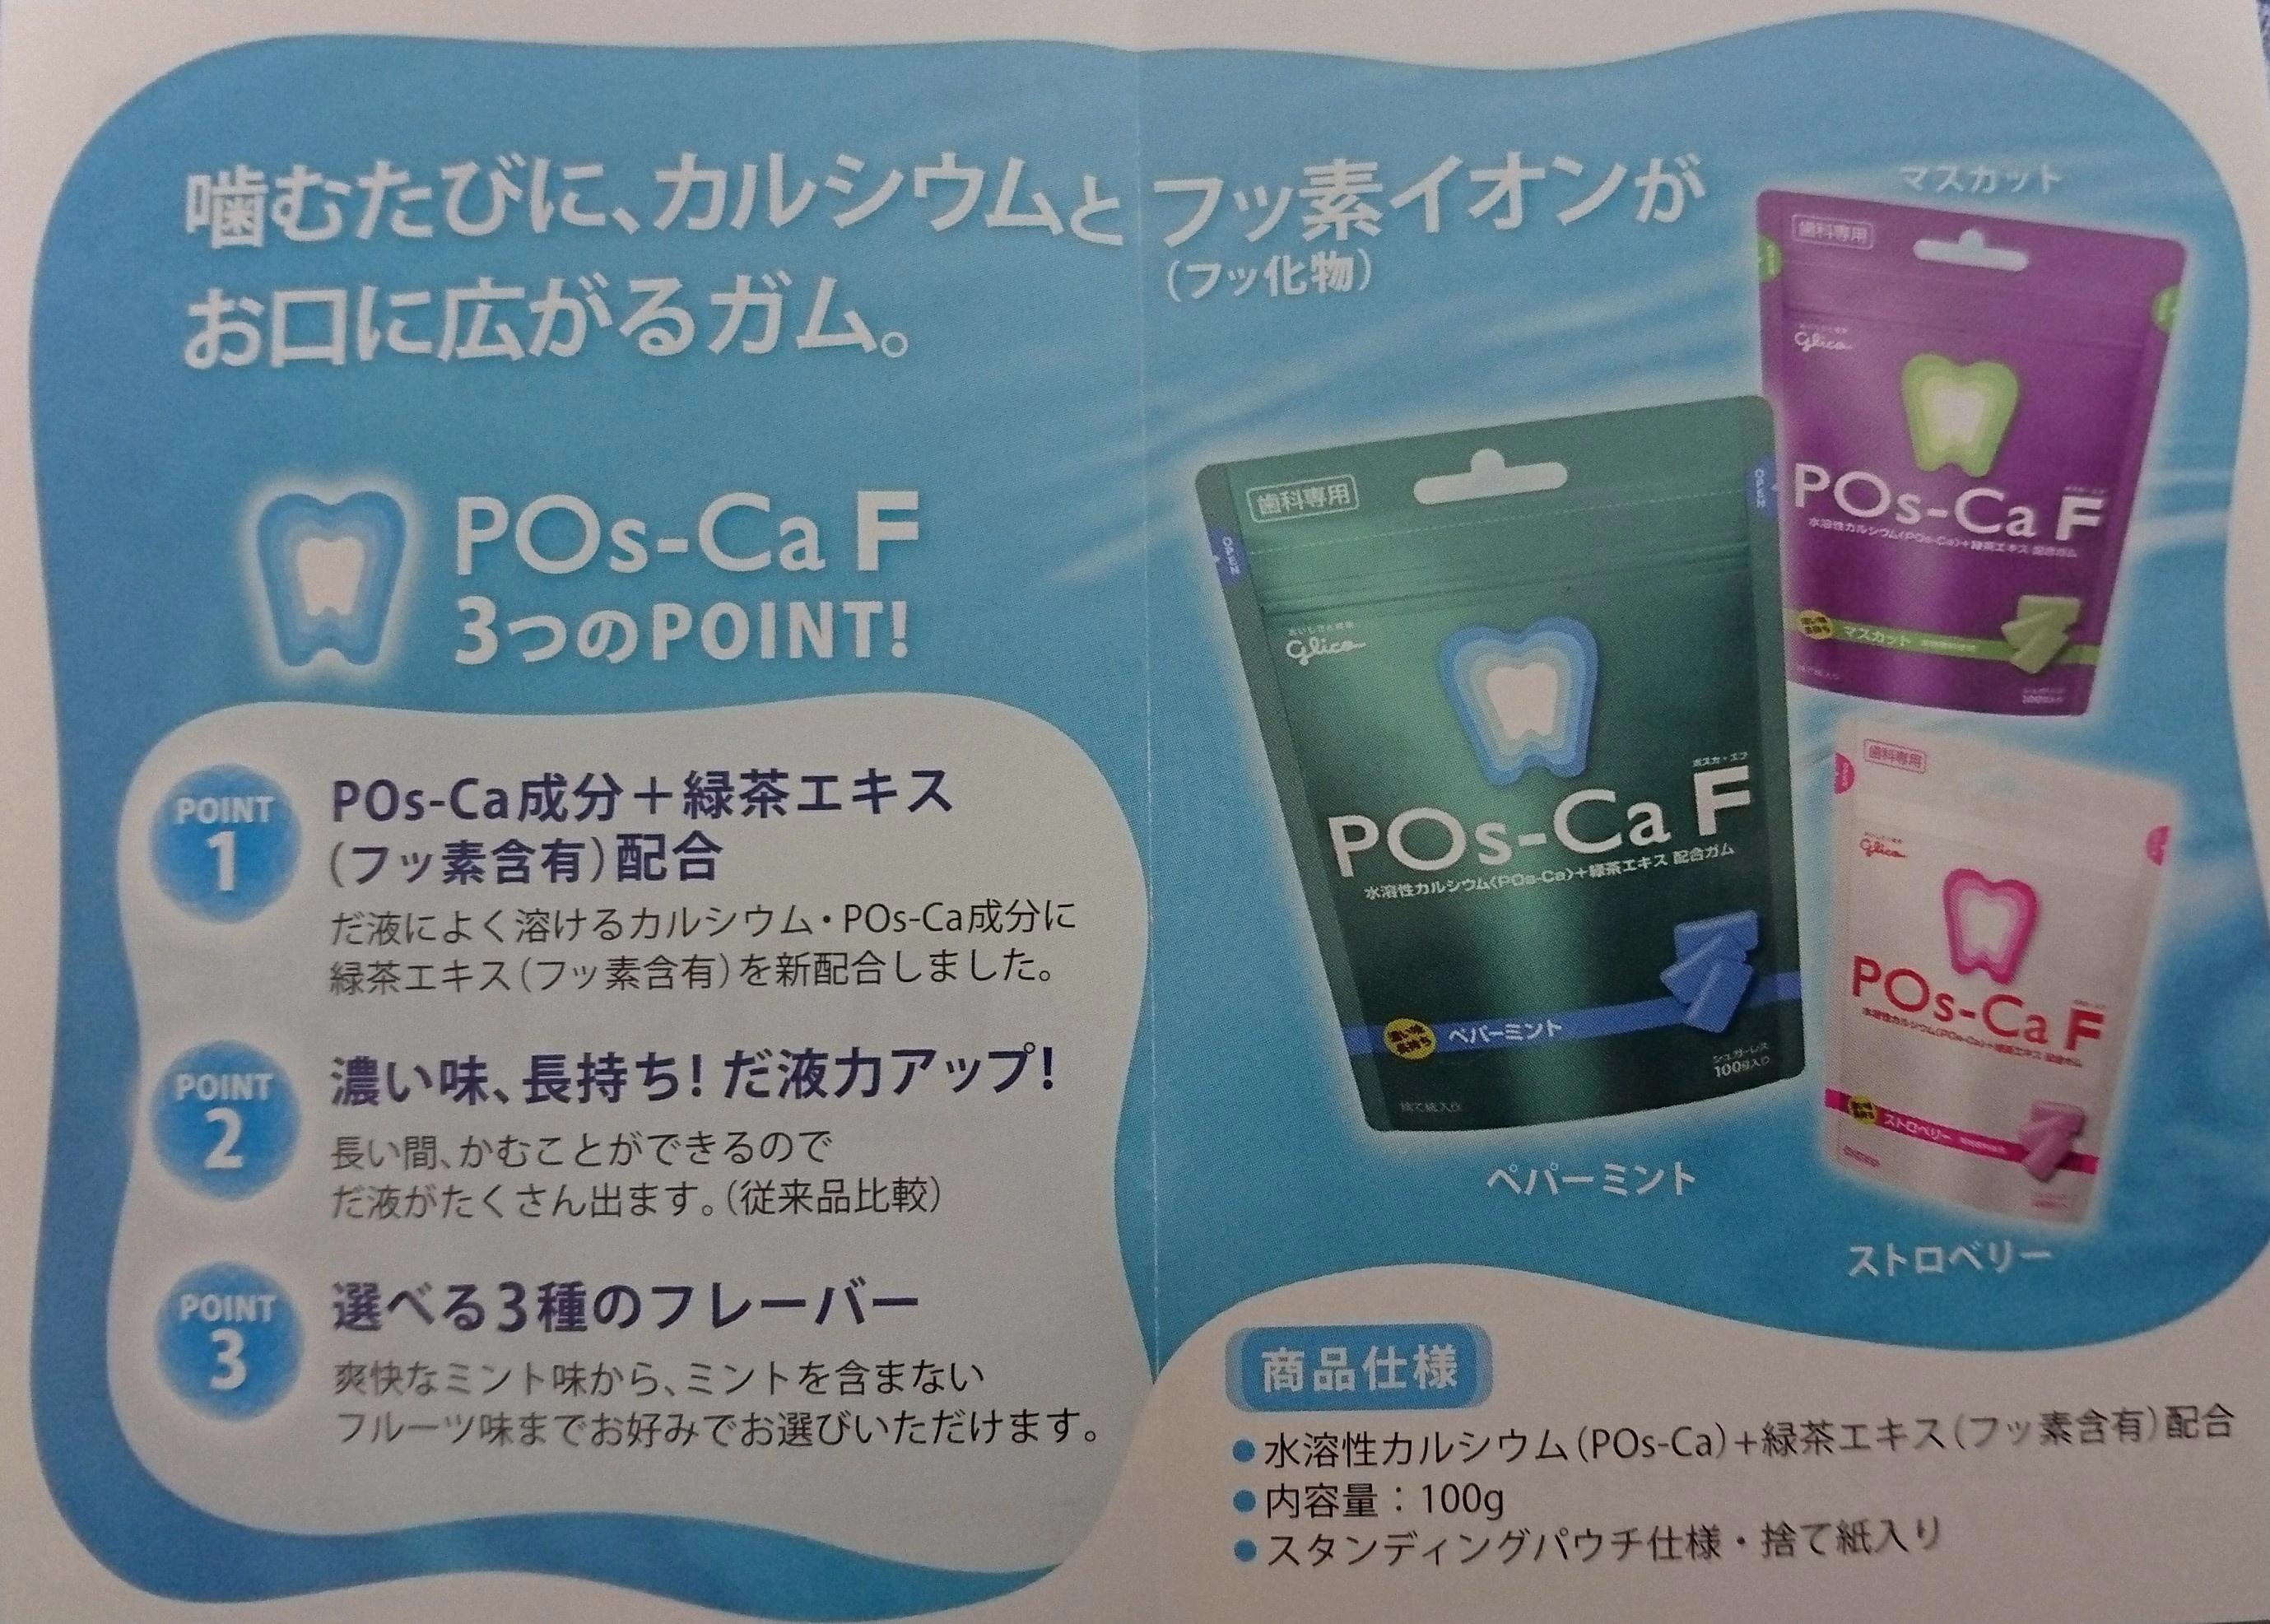 POs-CaF の3つのPOINT!